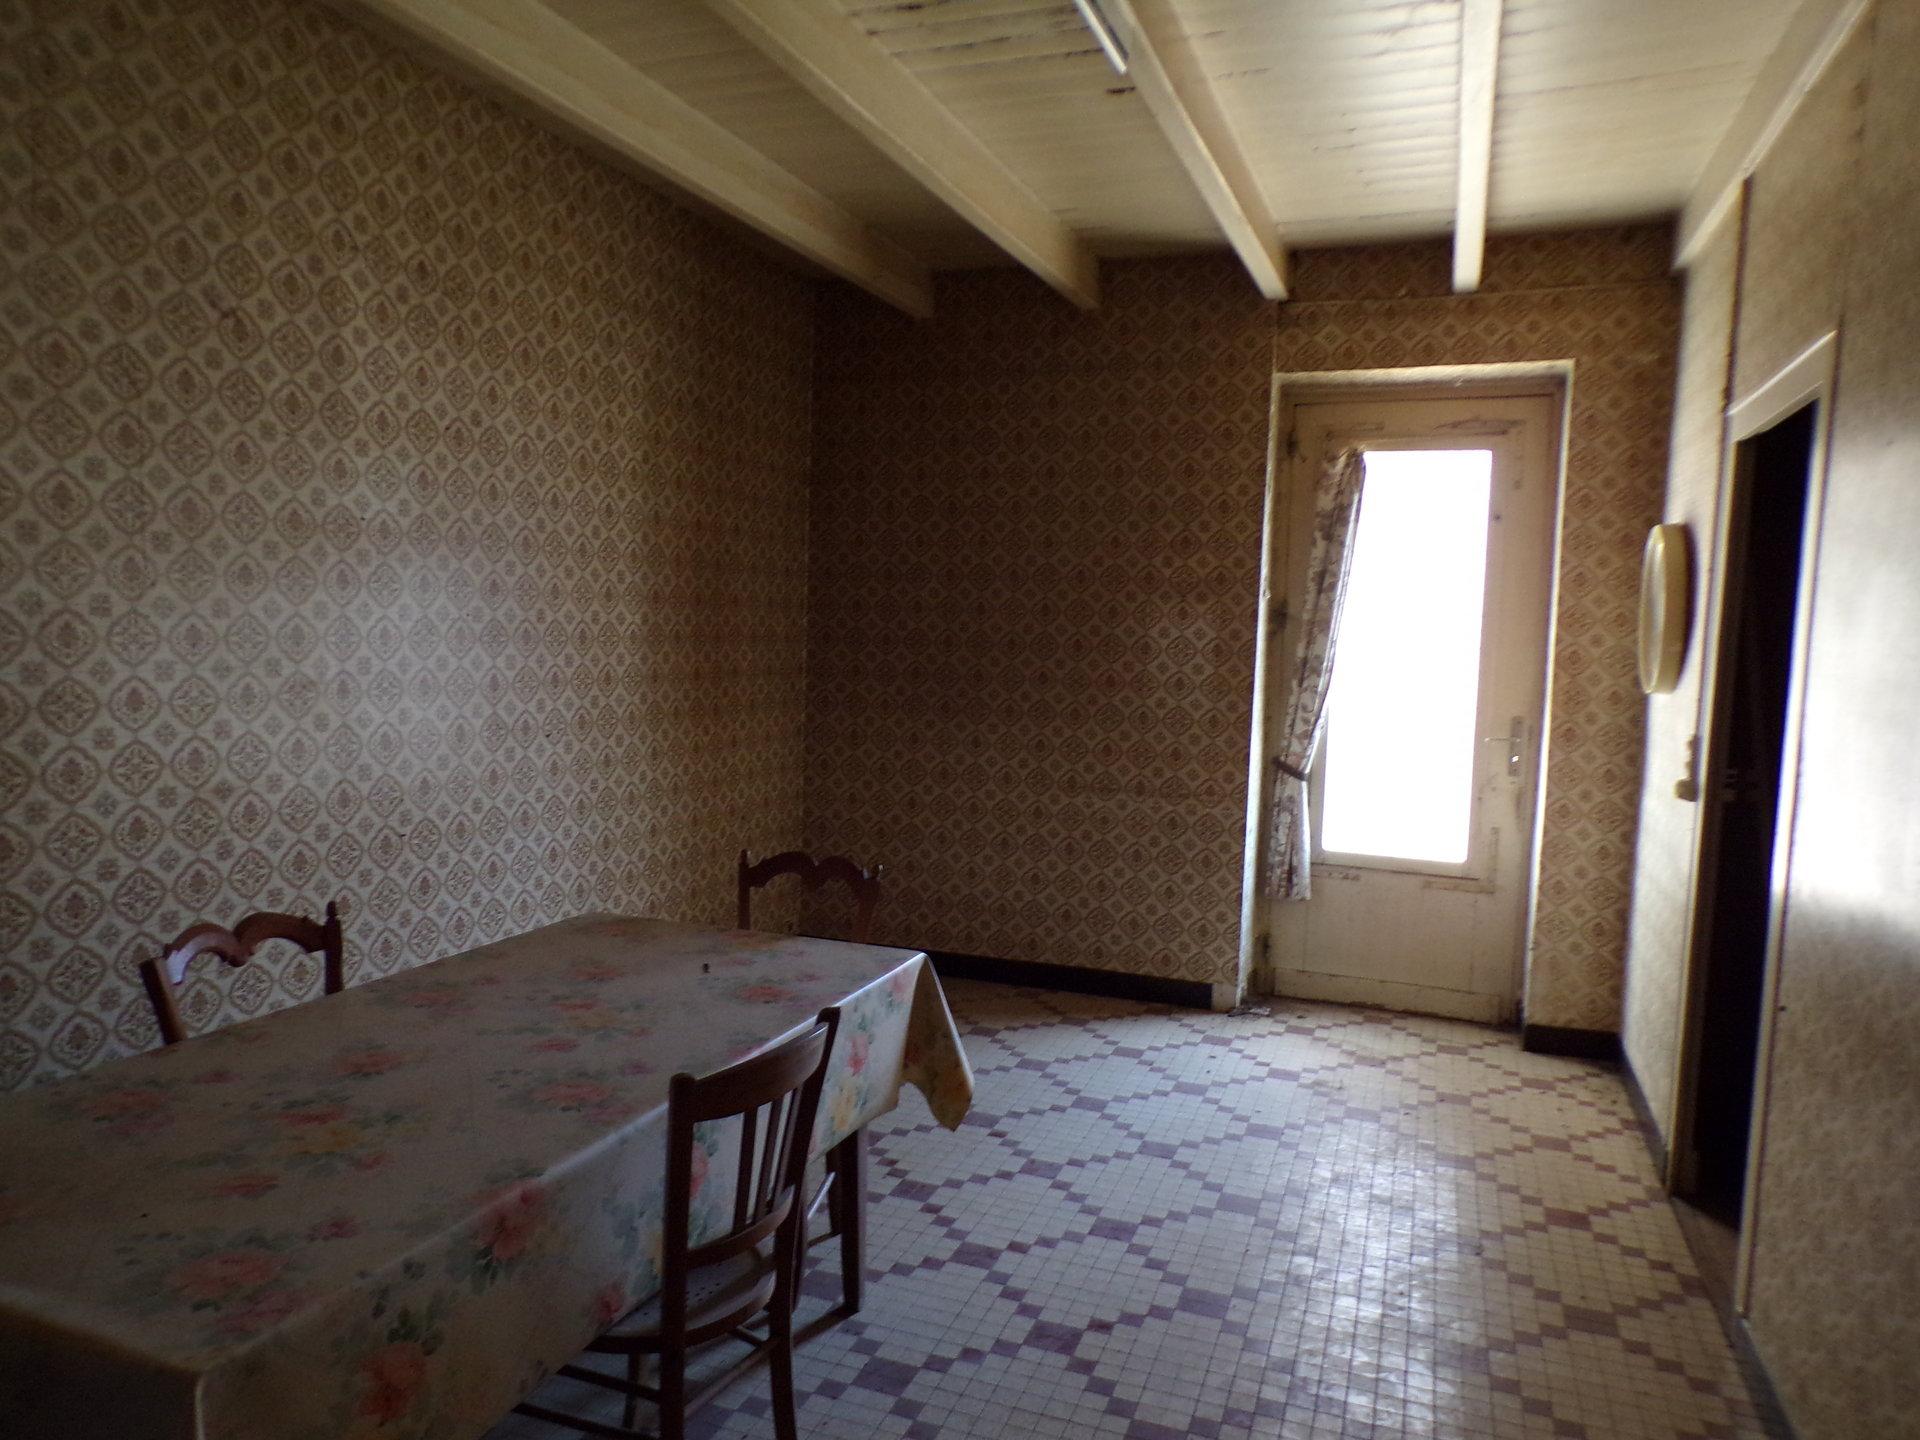 Maison de village à 10mn de Ruffec